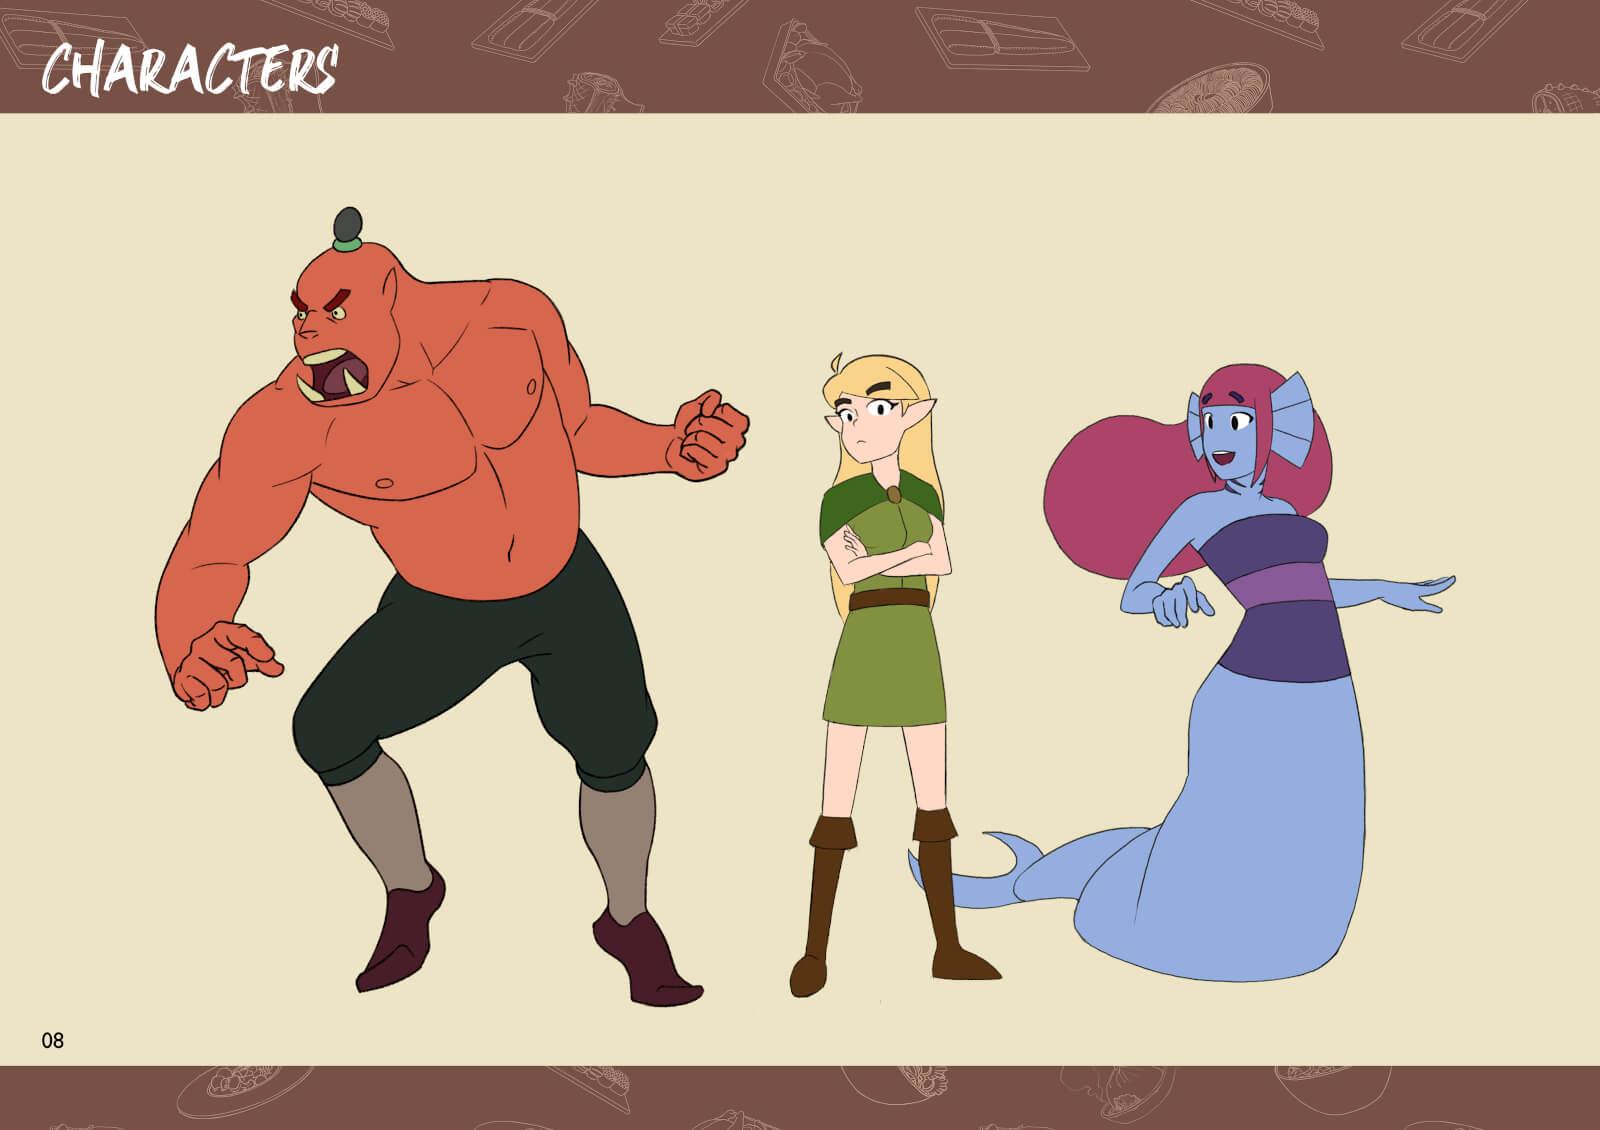 Orc, elf, and mermaid